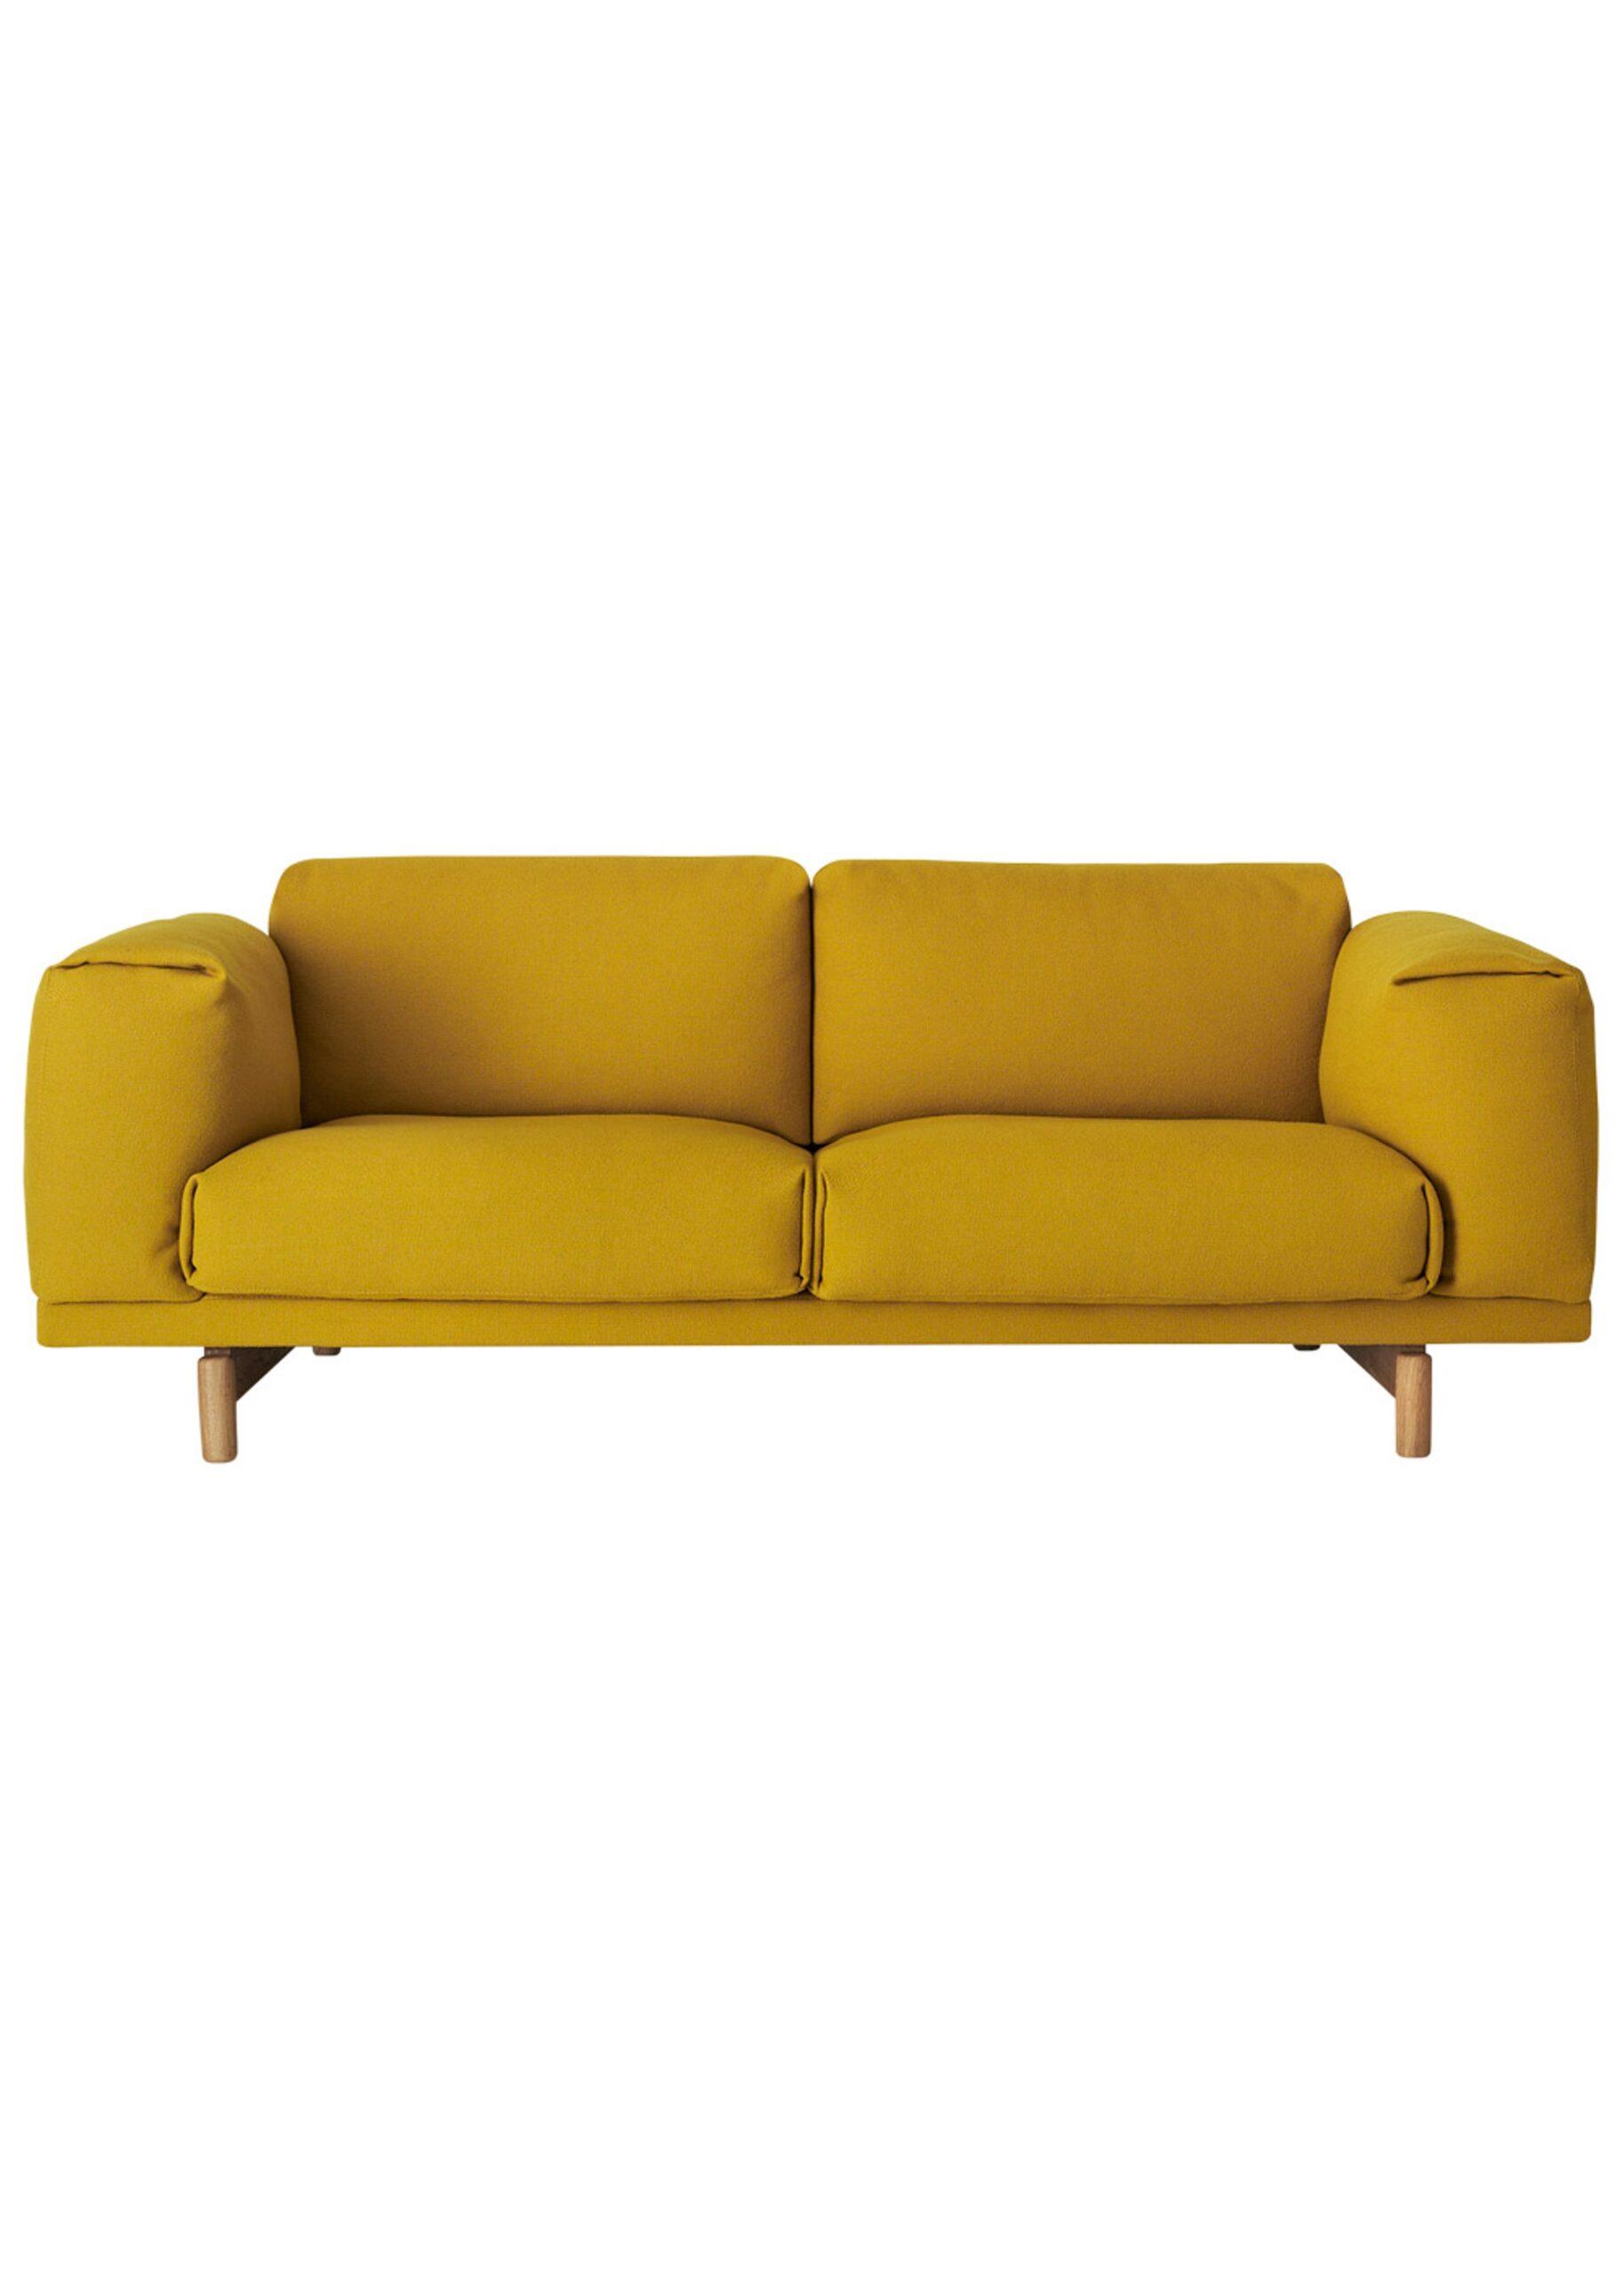 Full Size of Muuto Sofa Rest 2 Seater Mega Bezug Chesterfield Grau Mit Bettfunktion Husse Rund Verstellbarer Sitztiefe Ewald Schillig Ebay 2er Stilecht Kunstleder Sitzsack Sofa Muuto Sofa